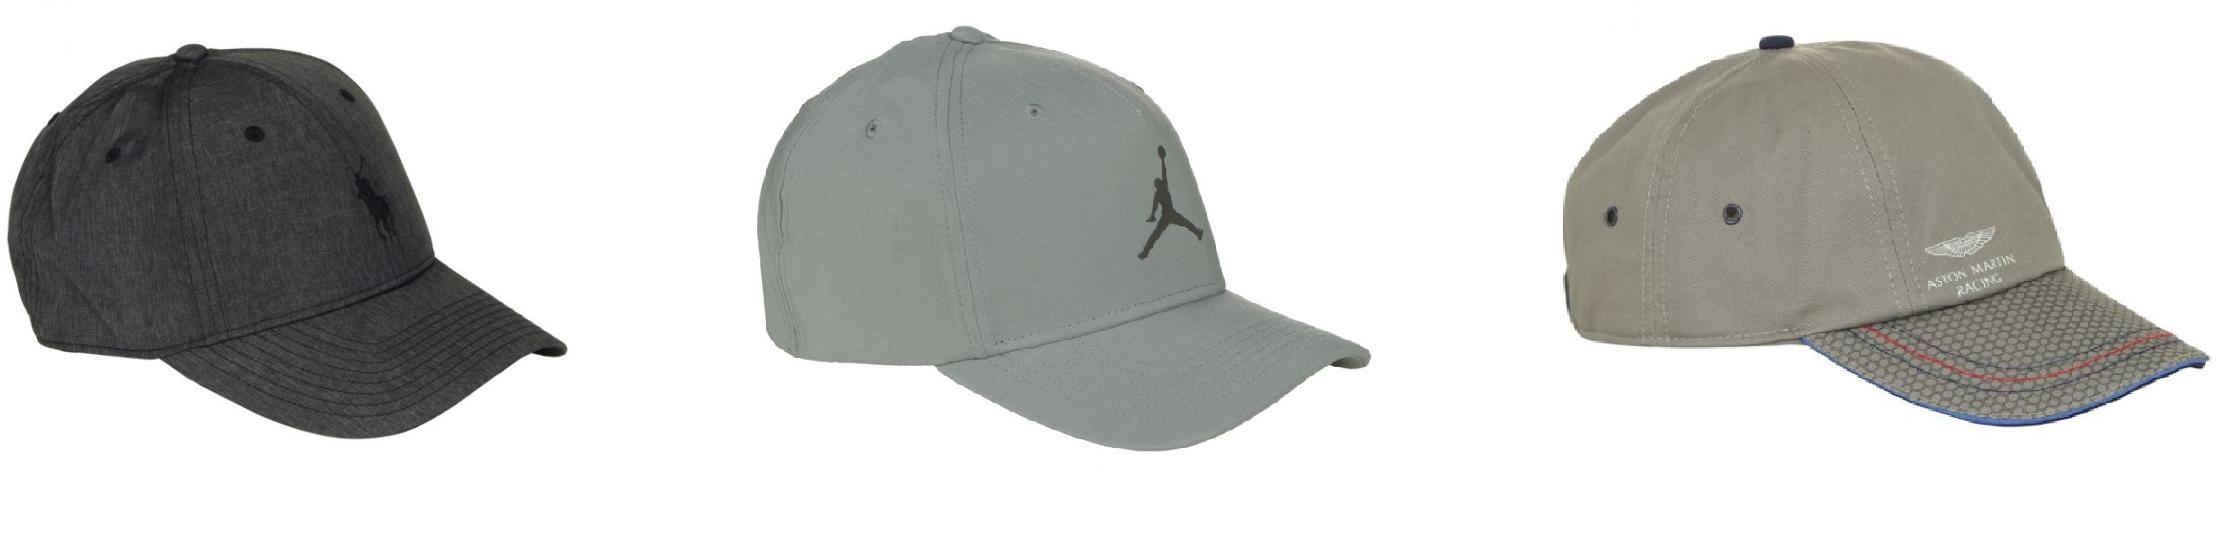 casquette de marque grande taille